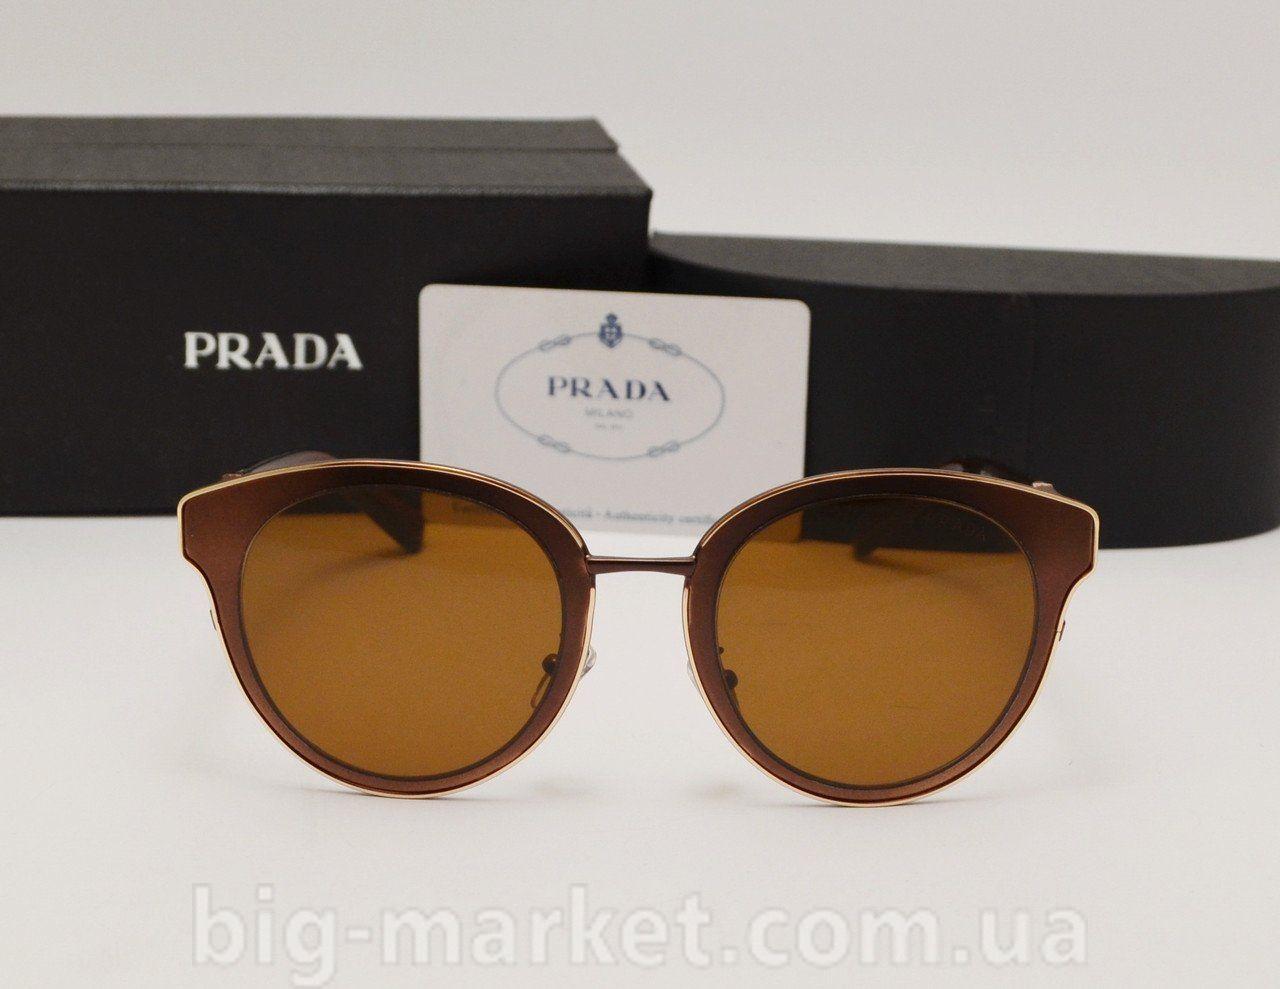 Окуляри Prada SPR 11 Brown купити в Україні cf747cd3c4f16